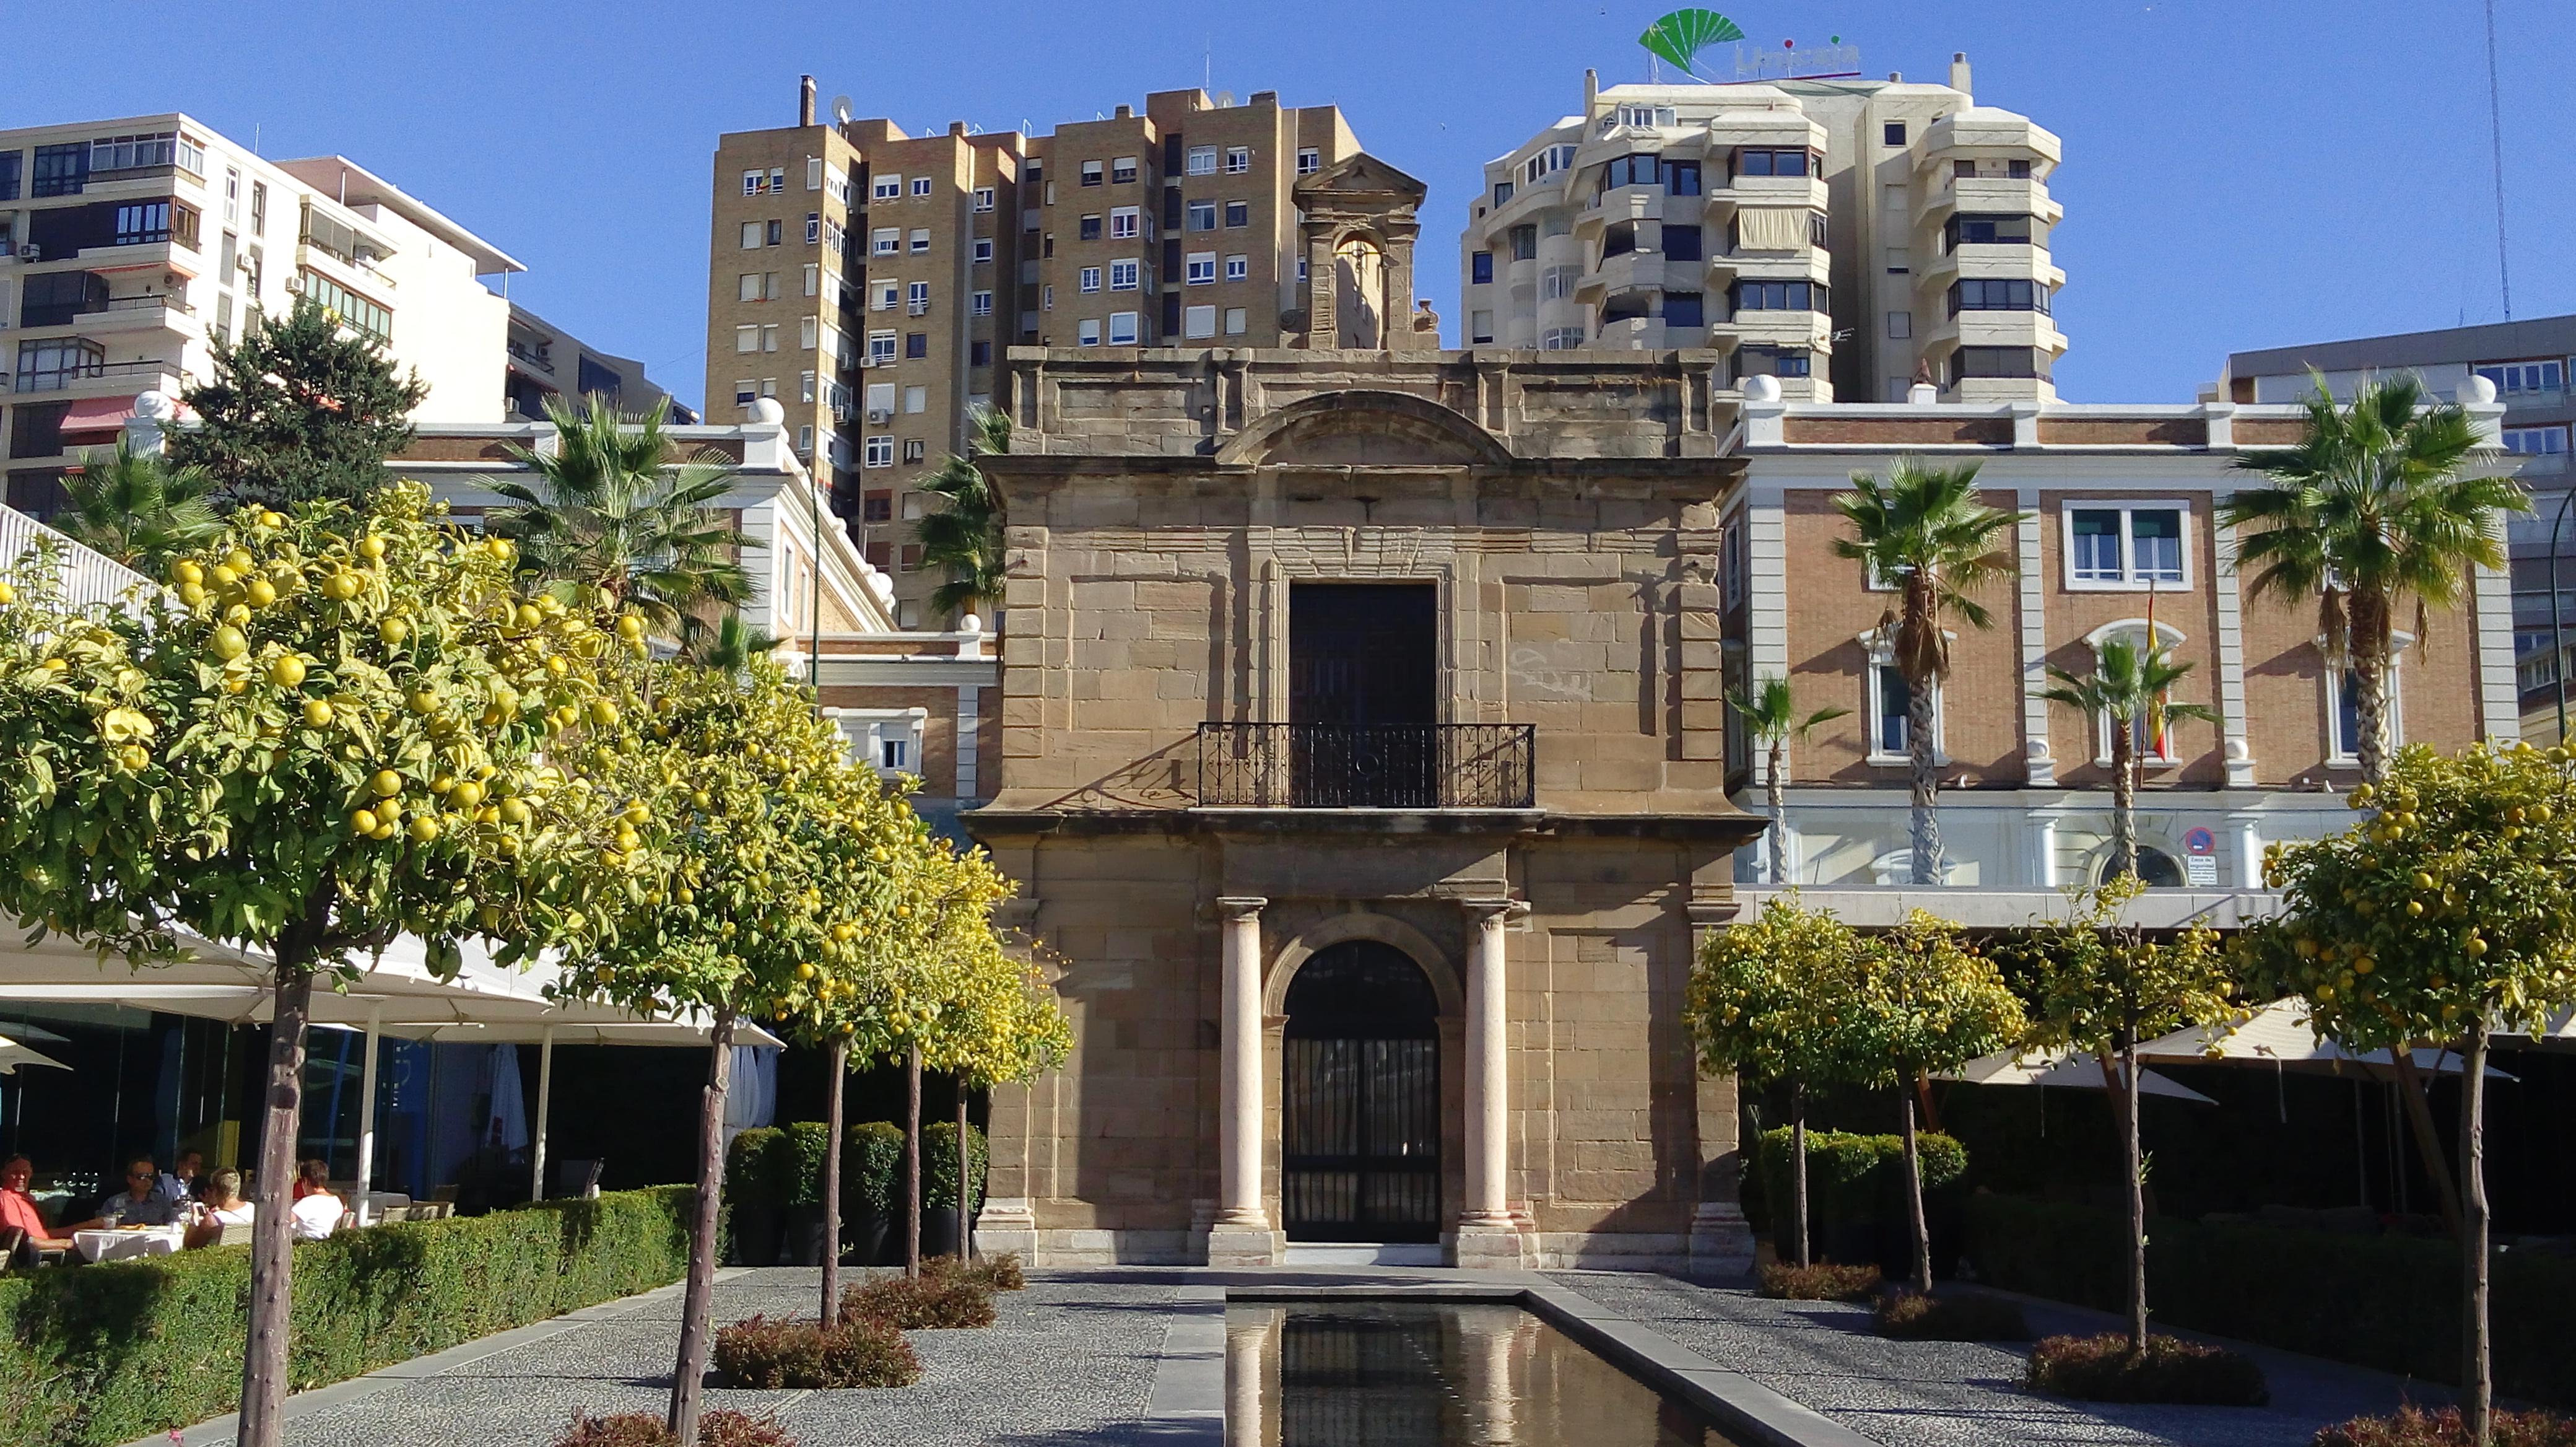 Объем продаж жилья в Испании вырос на 20% за год